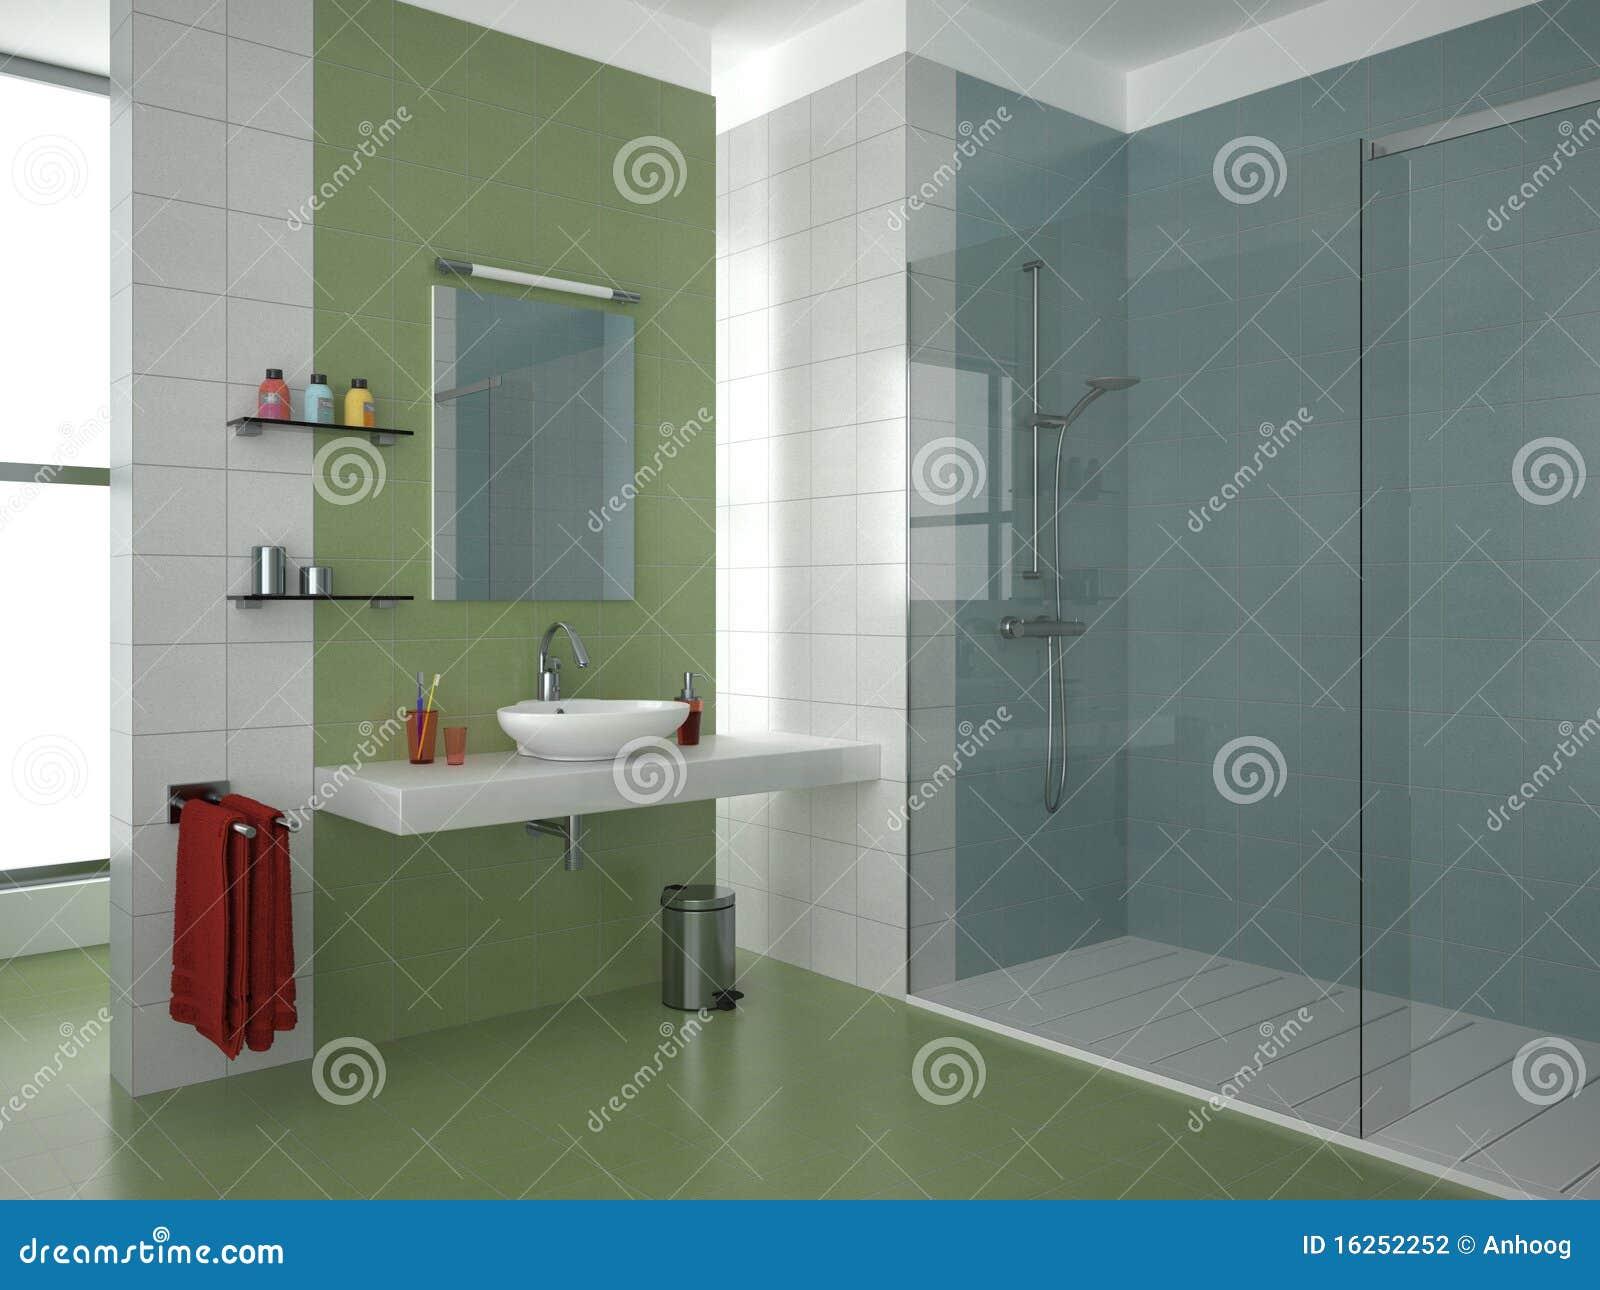 Modernes grünes Badezimmer stock abbildung. Illustration von ...